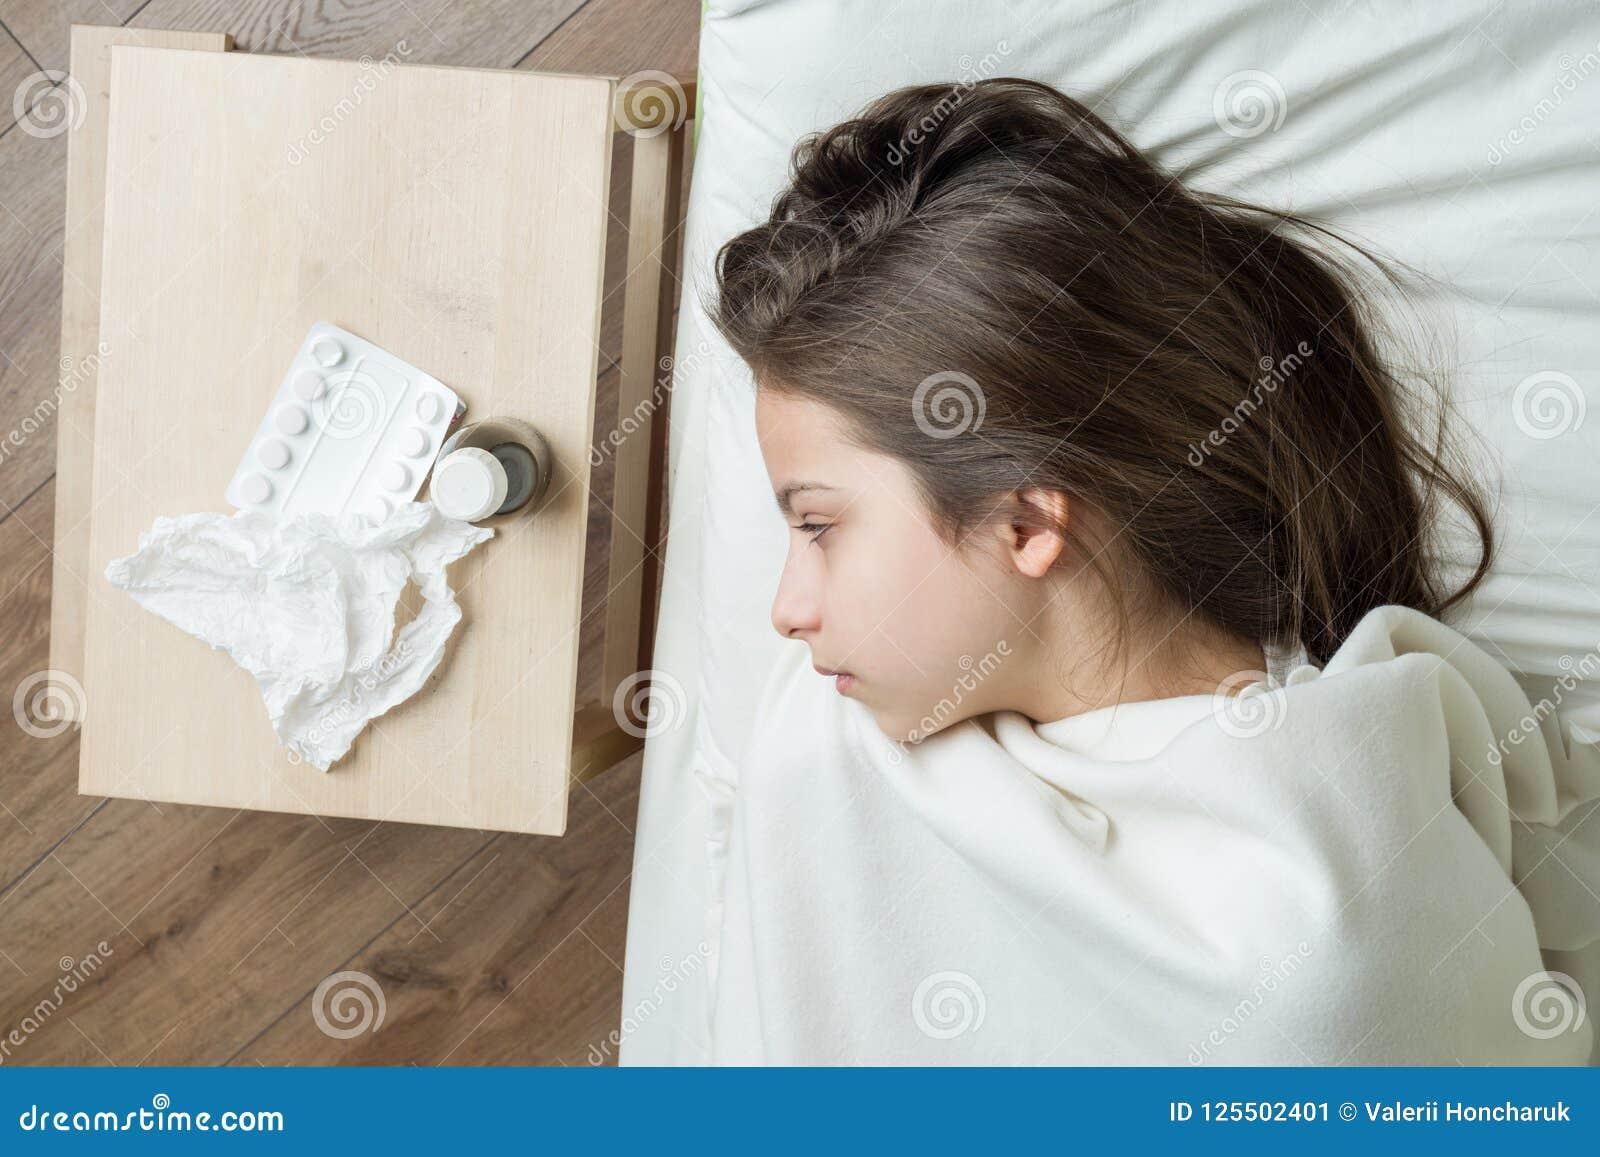 Το παιδί στο κρεβάτι επίασε στο σπίτι το κρύο, που παίρνει τα φάρμακα, εποχή γρίπης